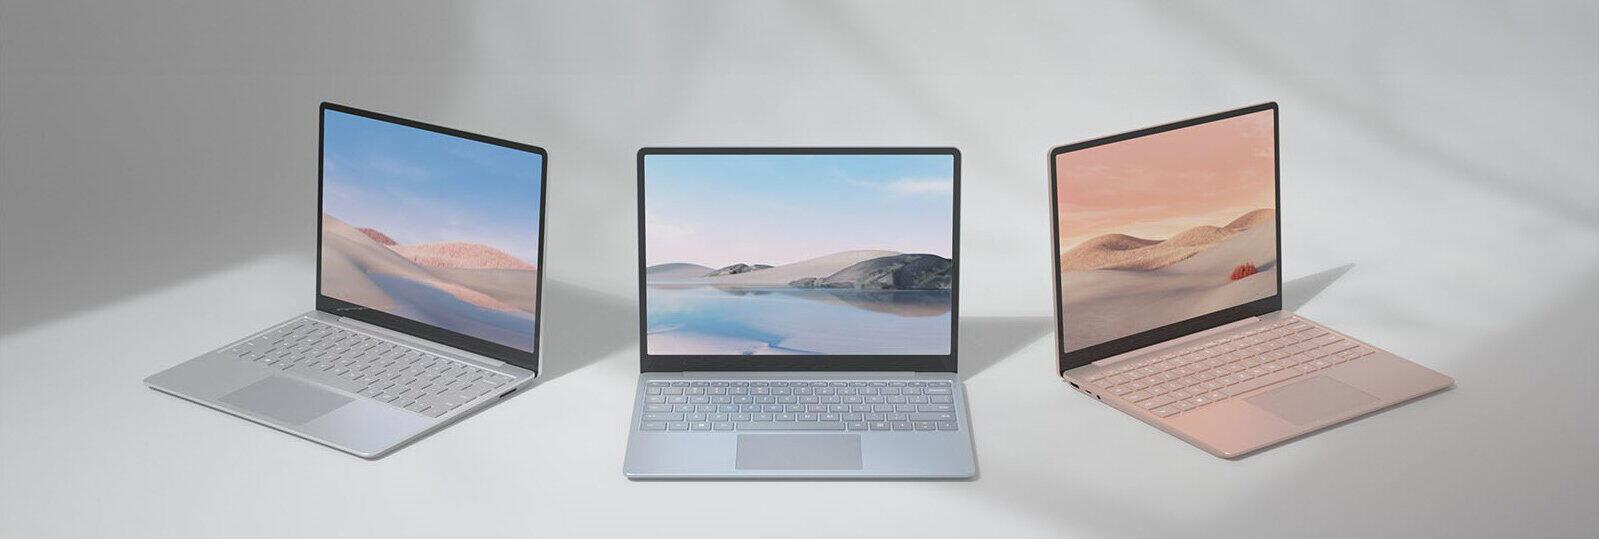 マイクロソフト「Surface」2モデル 「Surface Laptop Go」シリーズ最軽量